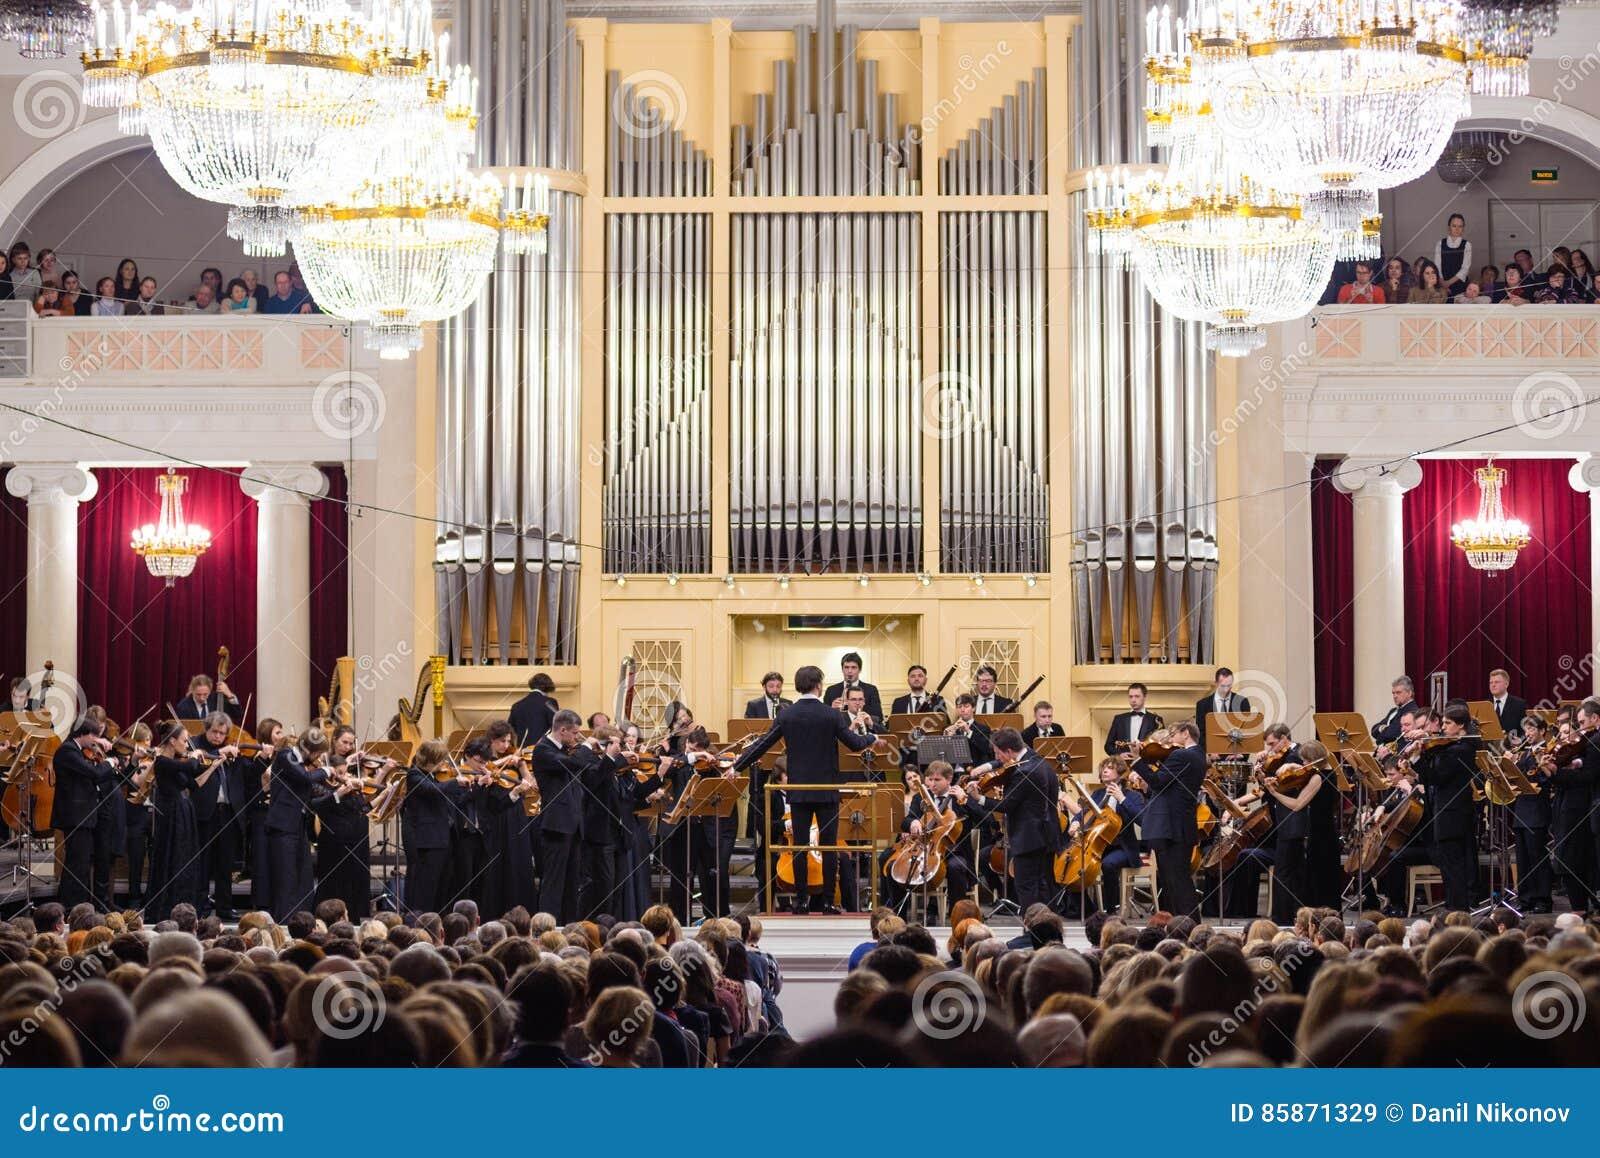 Klassisk musikkonsert